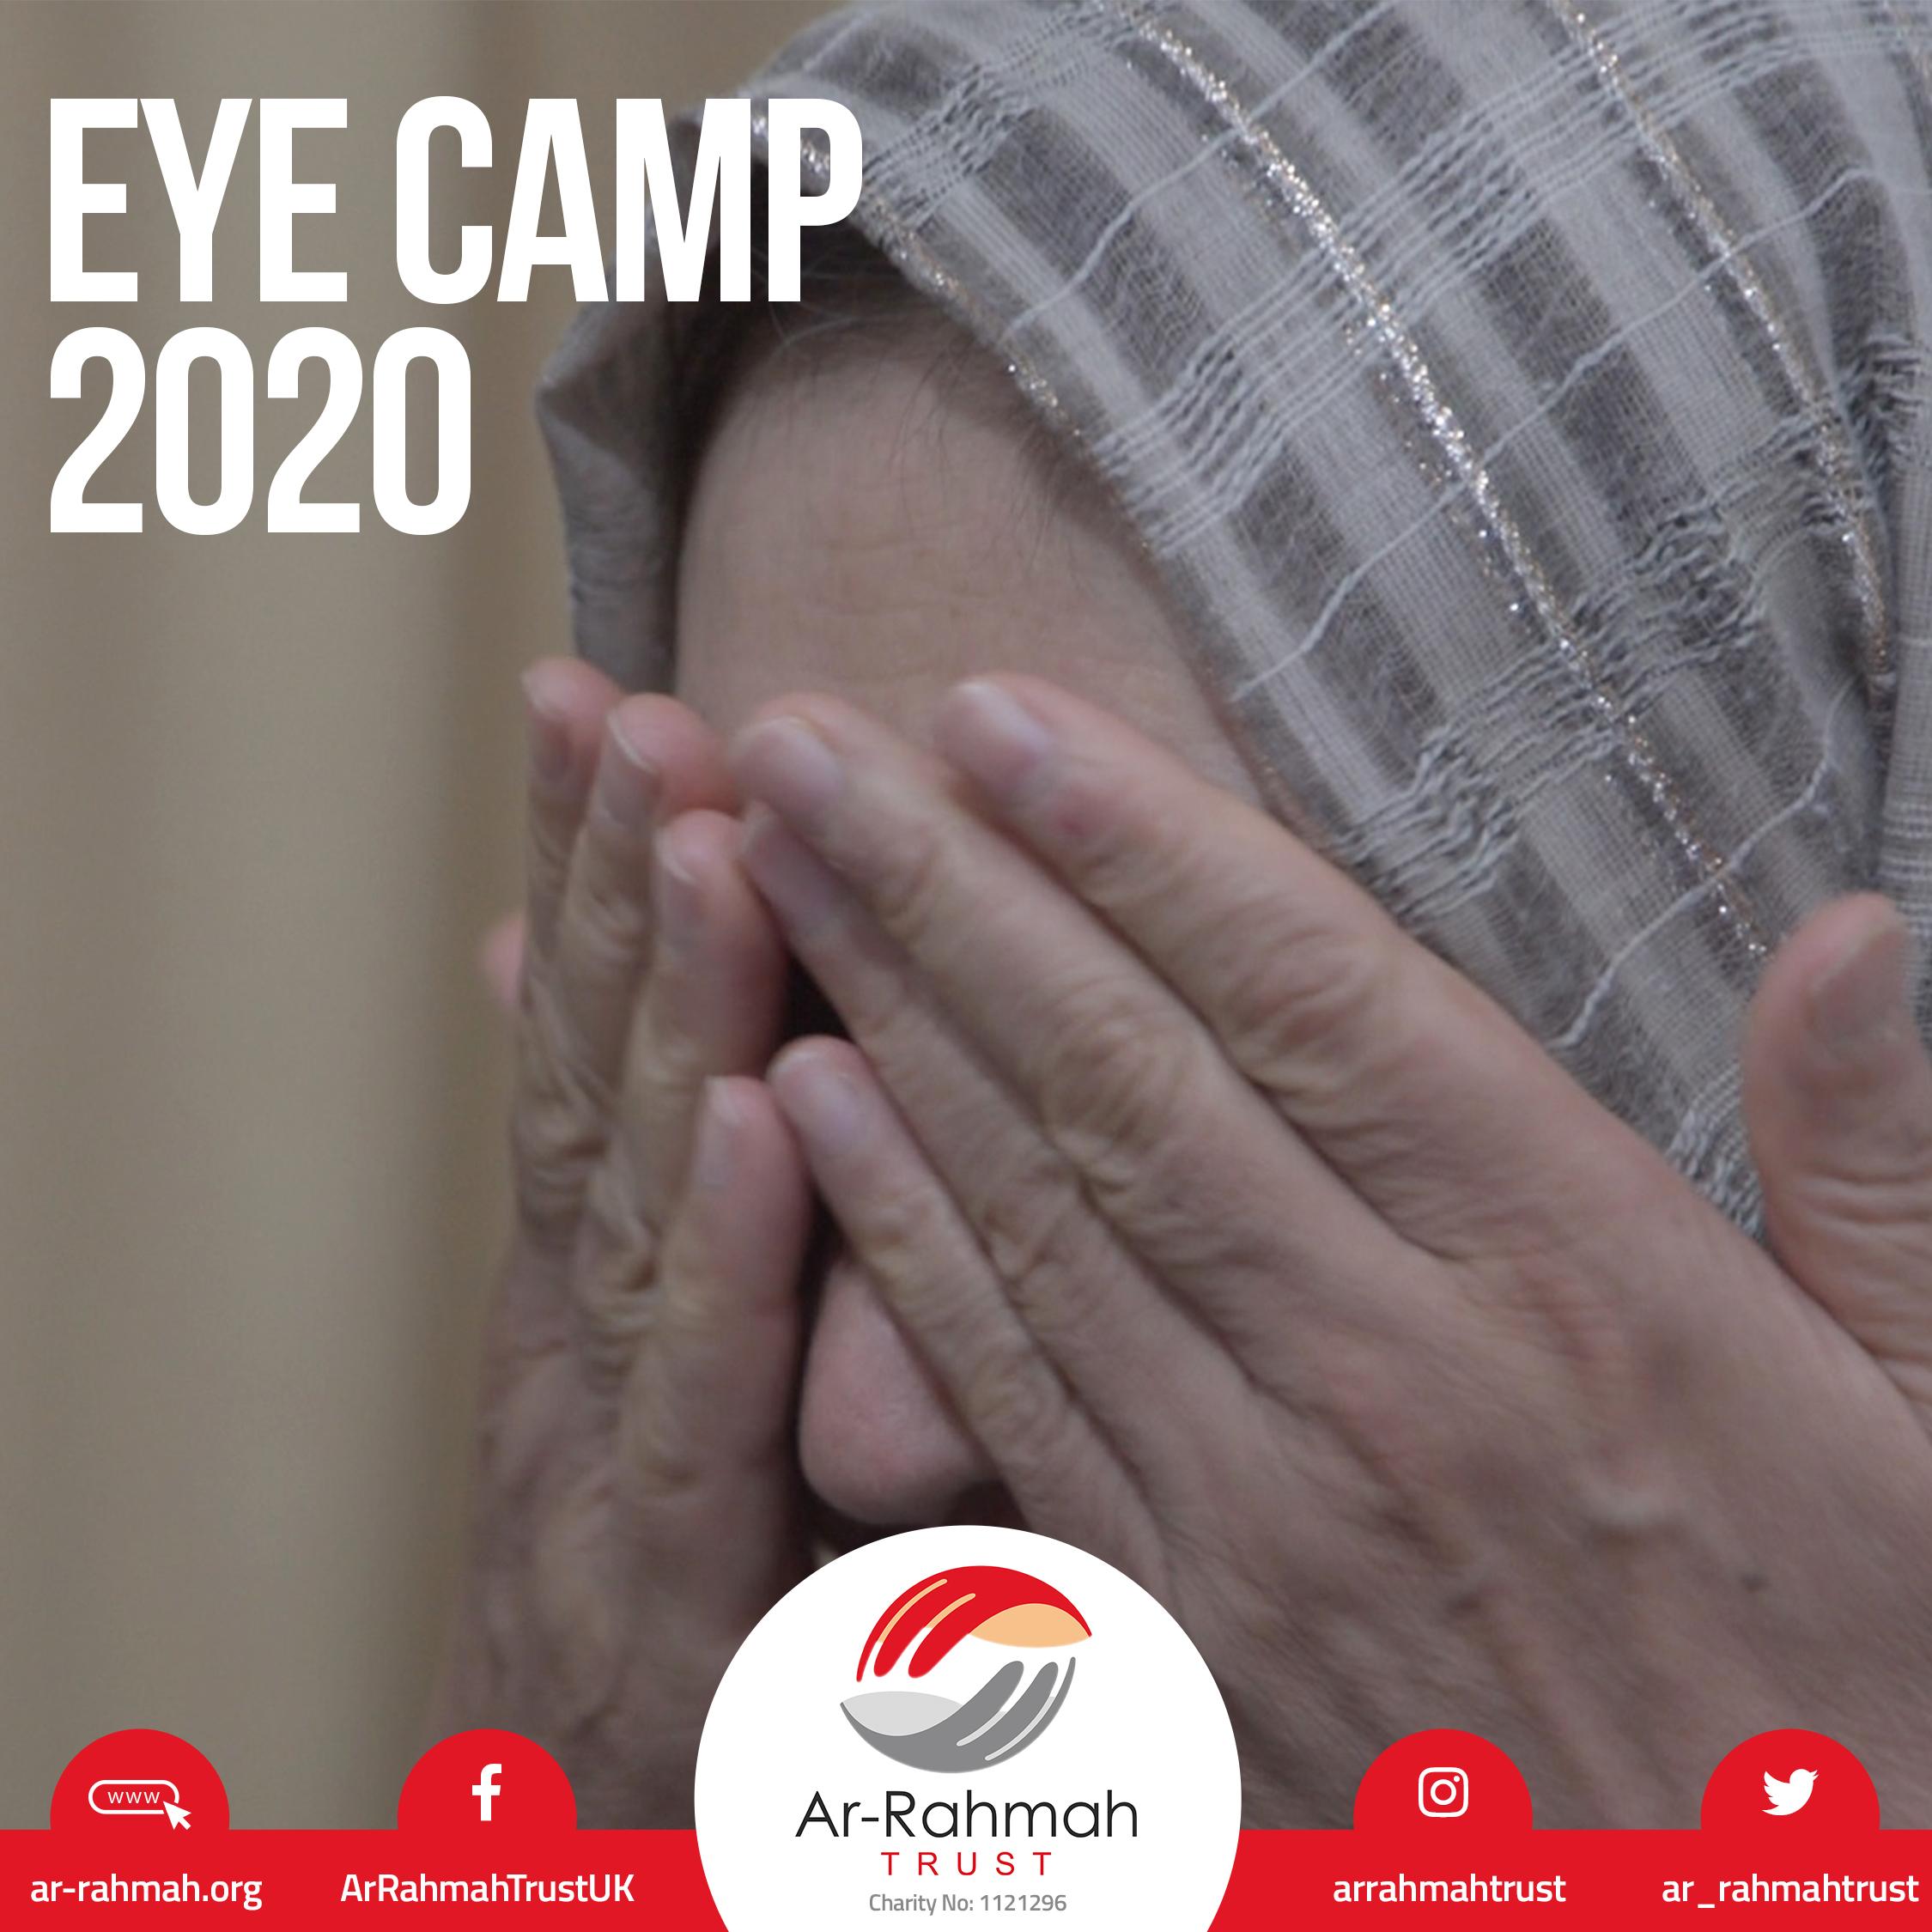 Eye Camp 2020